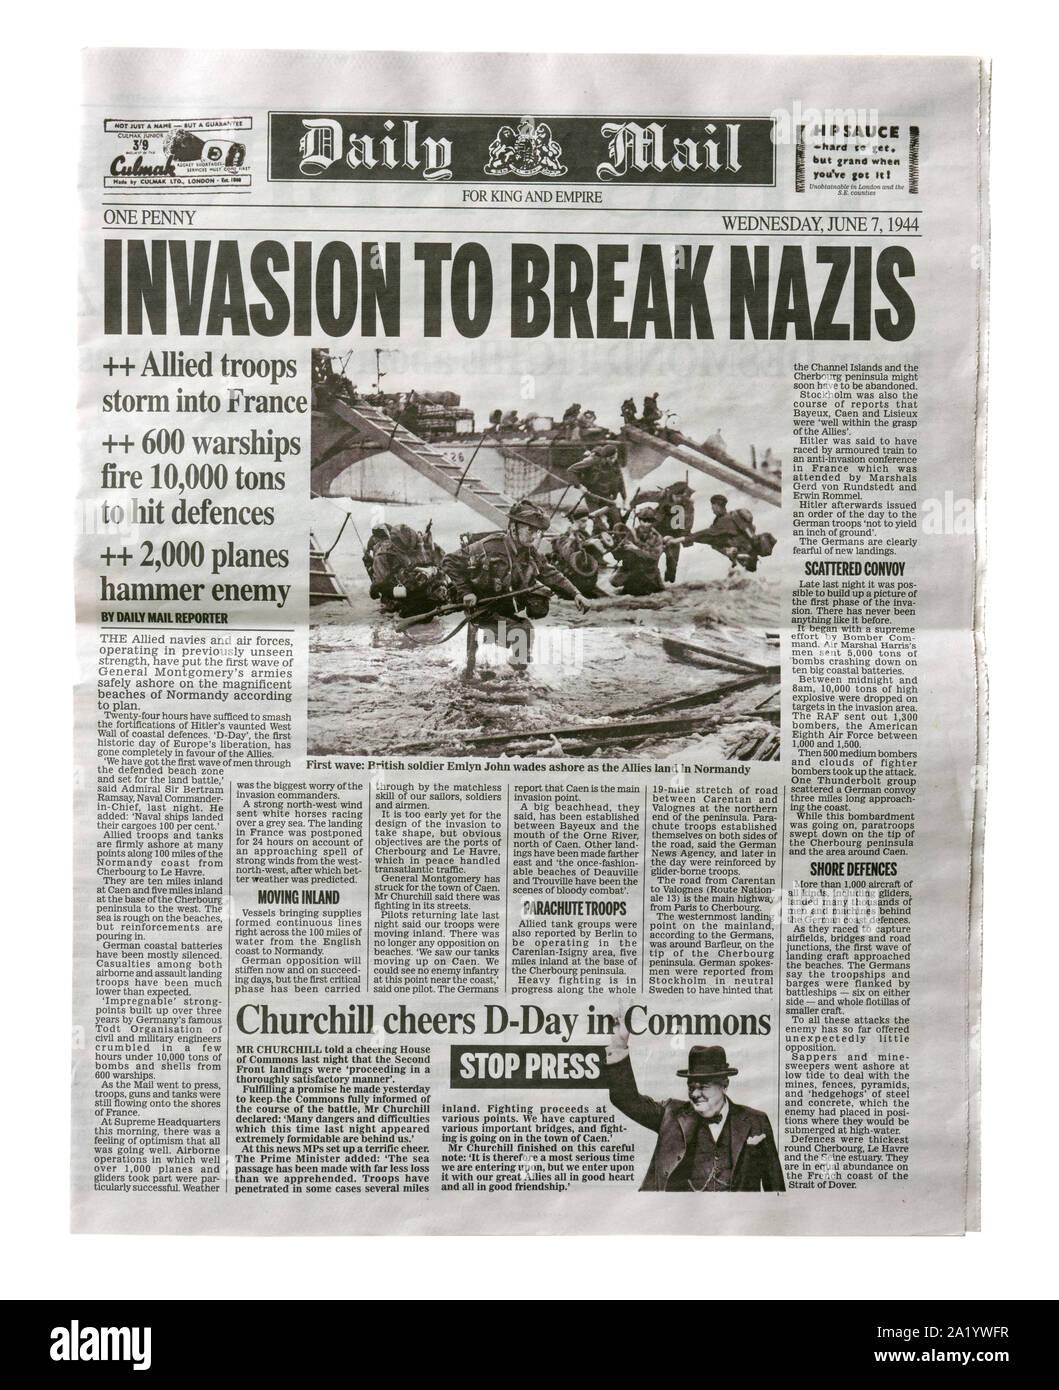 Una riproduzione pagina anteriore del Daily Mail dal 7 giugno 1944 con notizie circa l'invasione alleata della Francia dopo il D-Day. Foto Stock